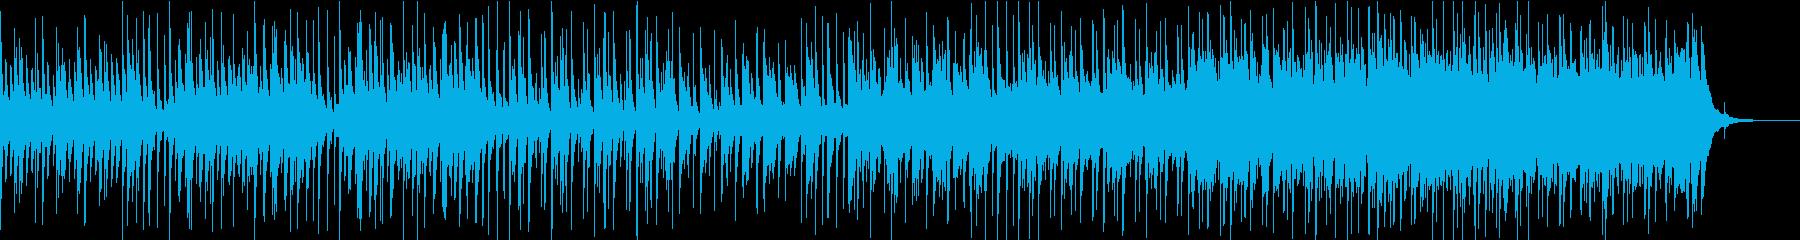 悲しく儚げなピアノのスローバラードの再生済みの波形